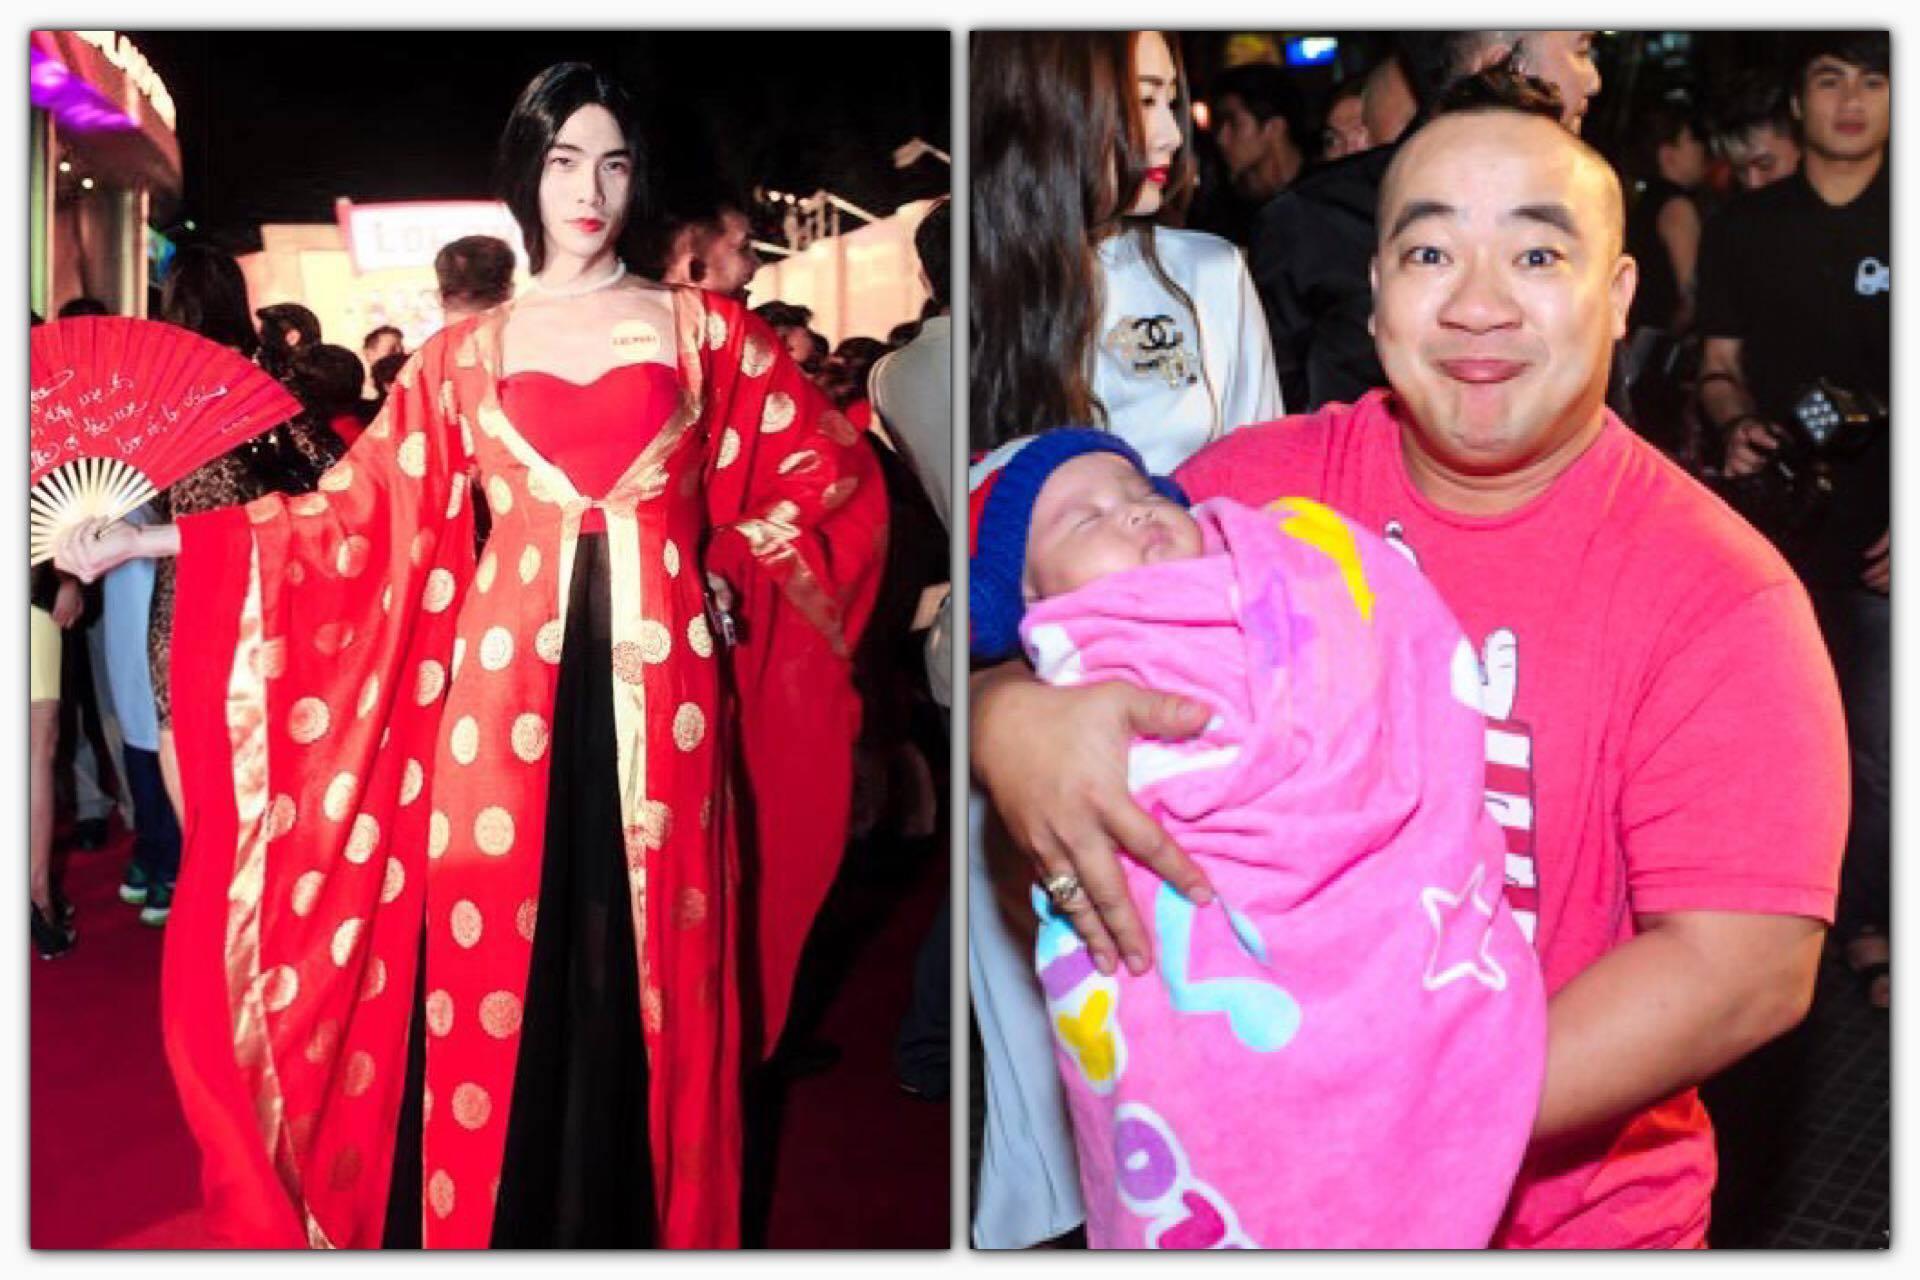 Tung áo gấm 30 tỷ hoá công chúa vương triều dự họp báo Lộc Phát, Kenny Sang muốn lấn át Hiếu Hiền trên thảm đỏ?